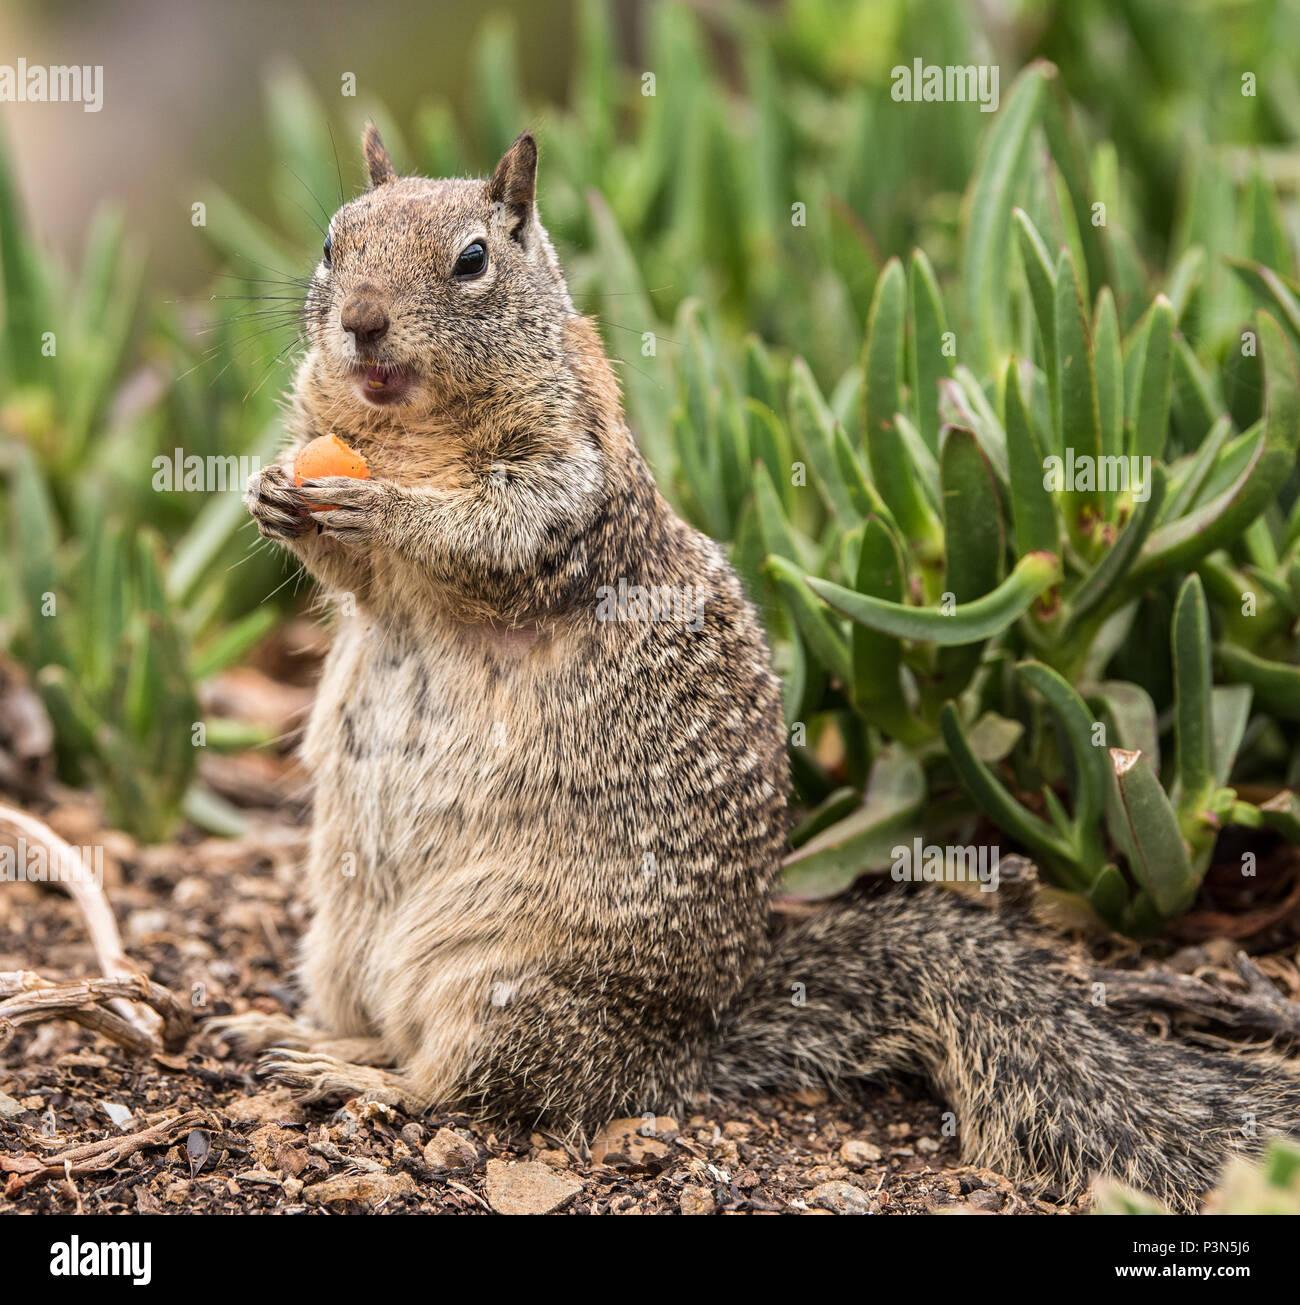 La ardilla sentados comiendo una zanahoria con un fondo verde Foto de stock